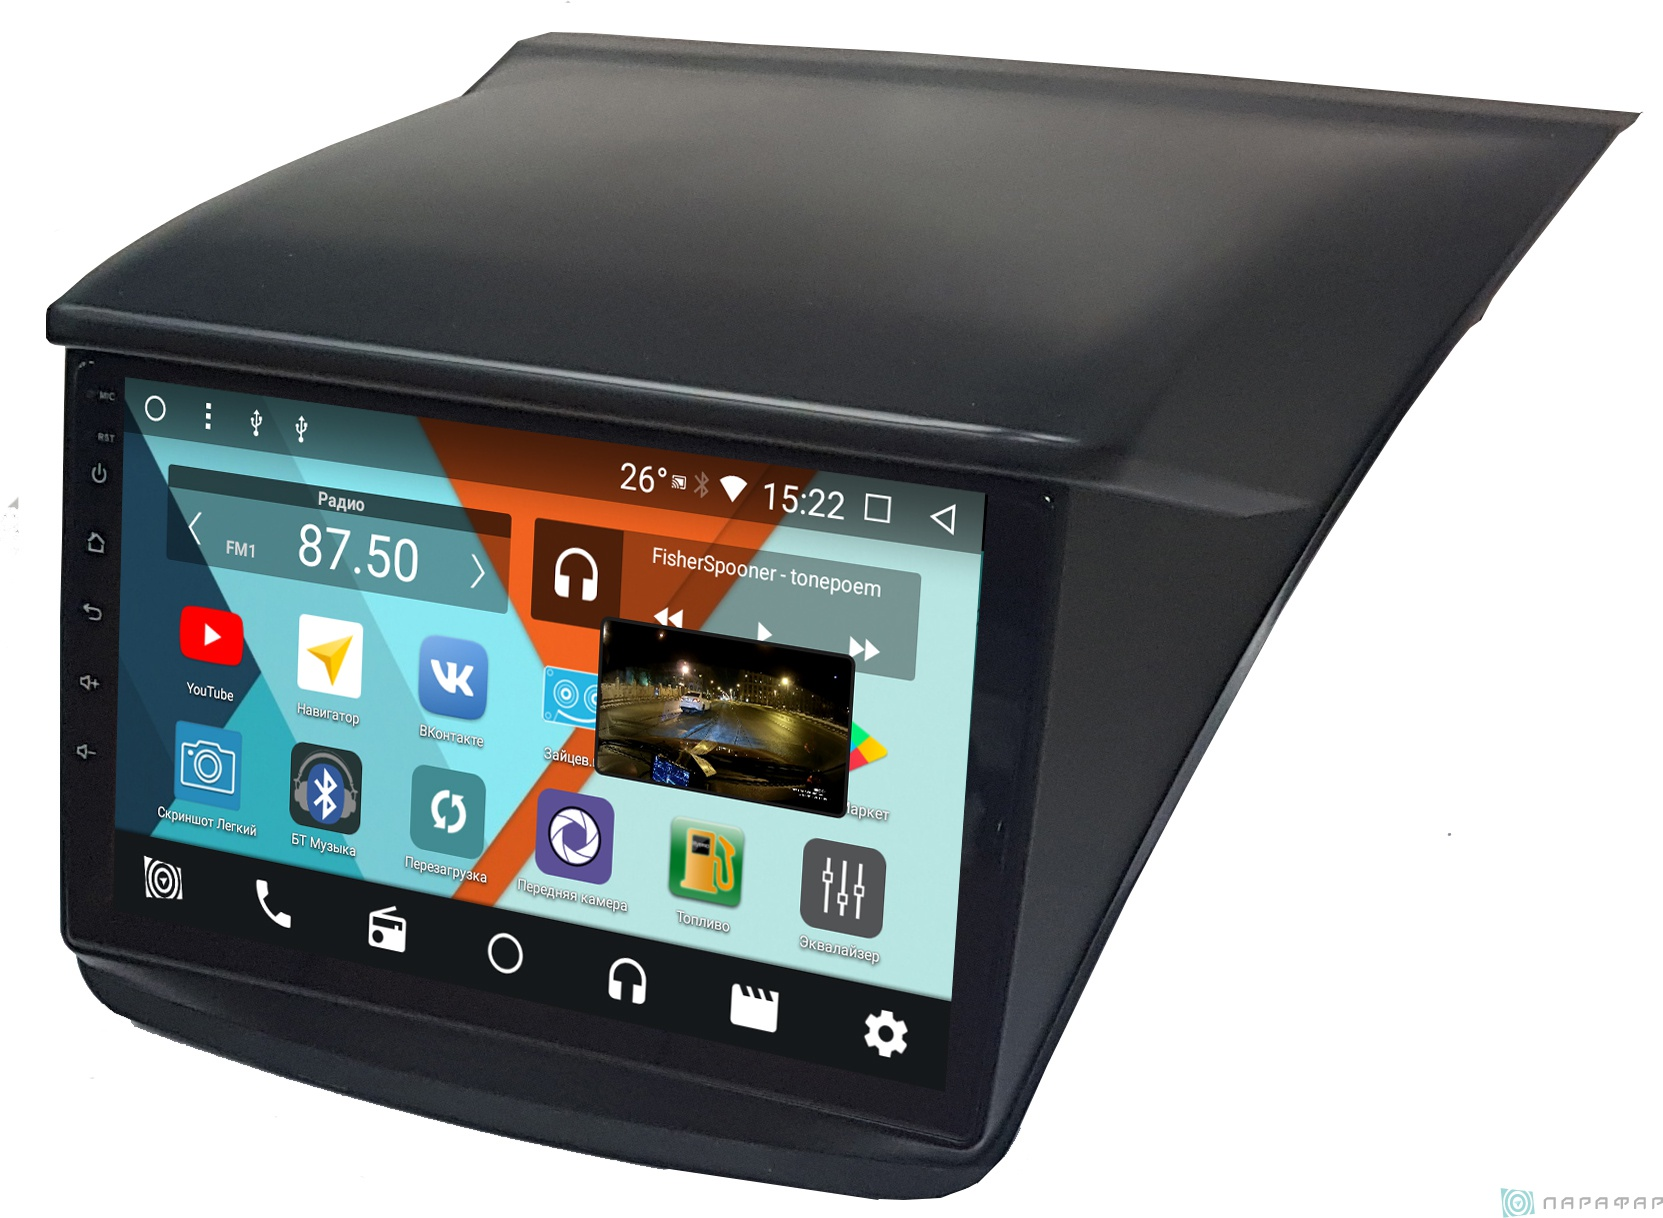 цена на Штатная магнитола Parafar с IPS матрицей для Mitsubishi Pajero Sport, L200 2008-2012 на Android 8.1.0 (PF220K)